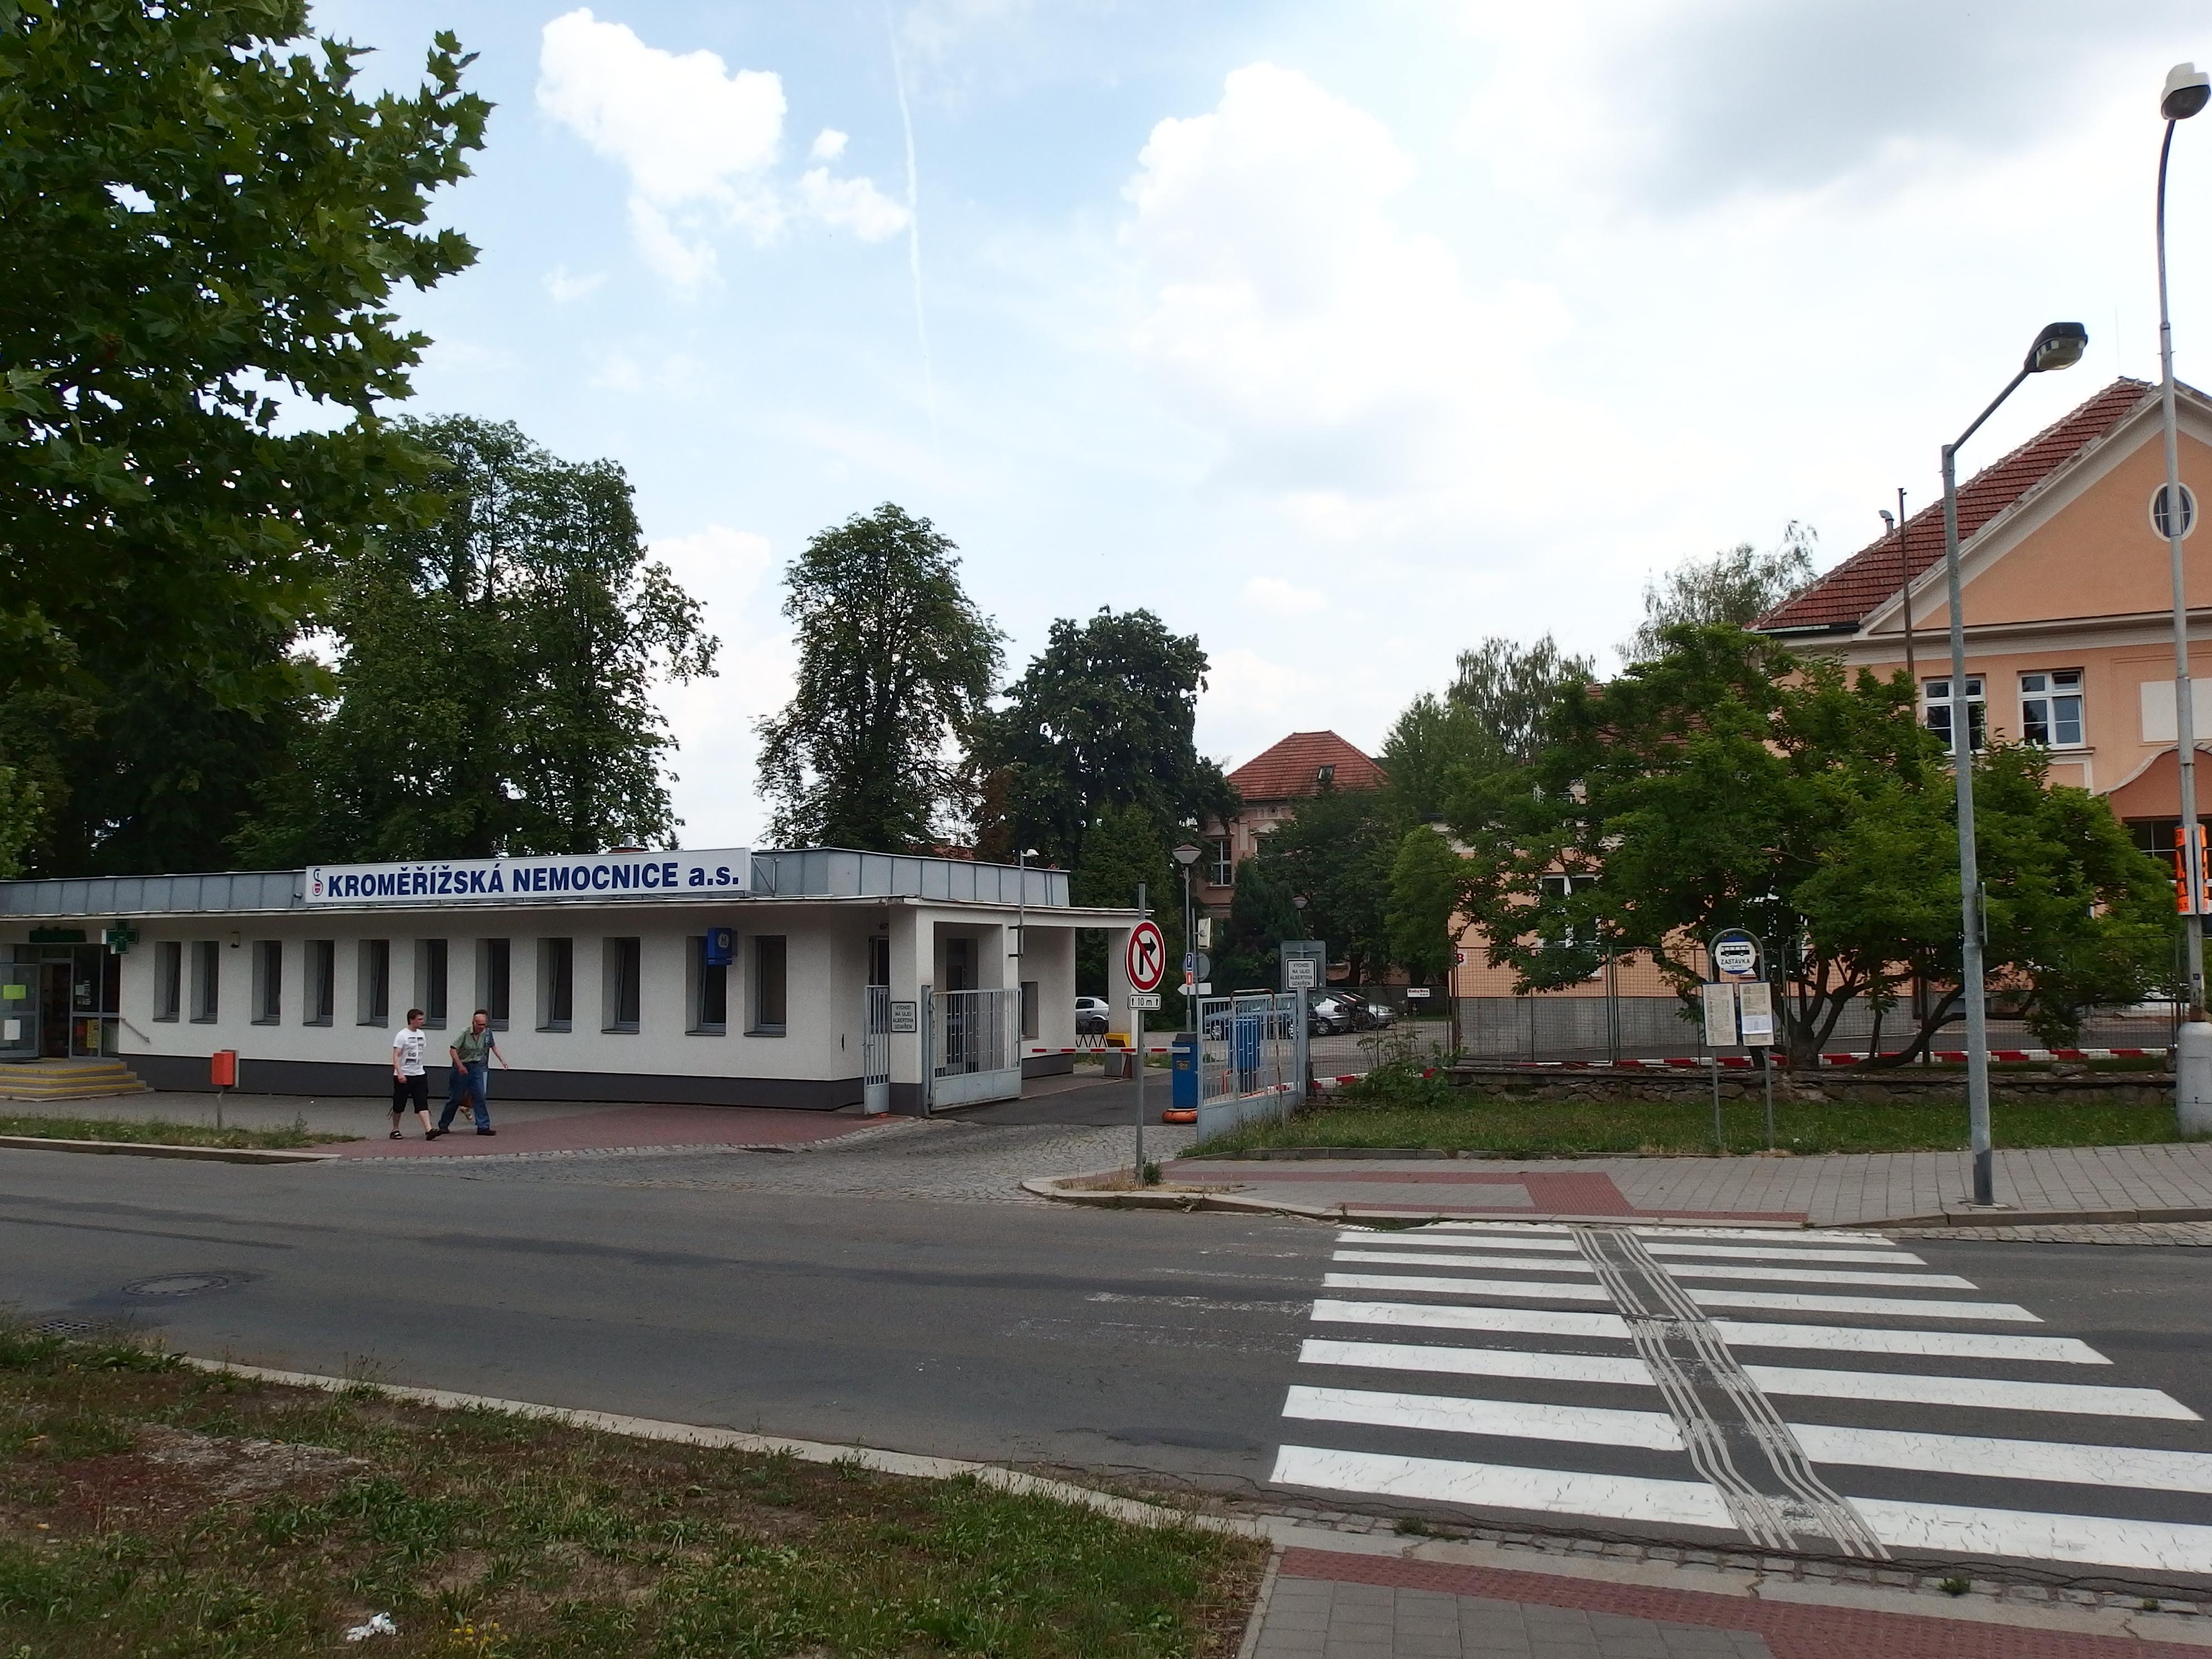 Kroměřížská nemocnice